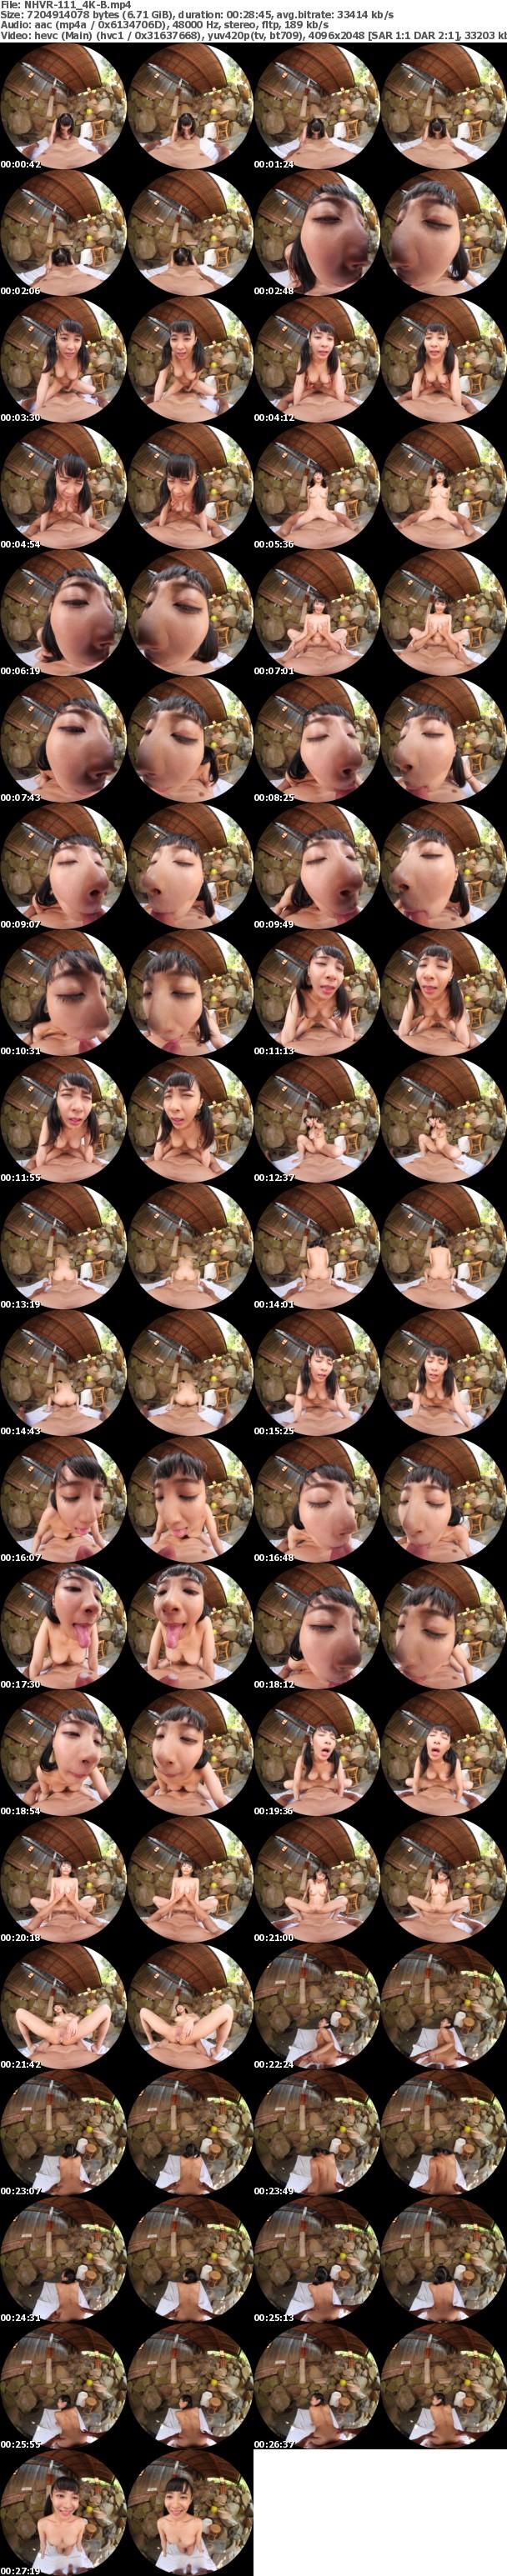 (VR) (4K) NHVR-111 男湯で出会った痴女っこ VR 突然のベロちゅうと抱っこSEXで迫られ我慢できず何度も膣射